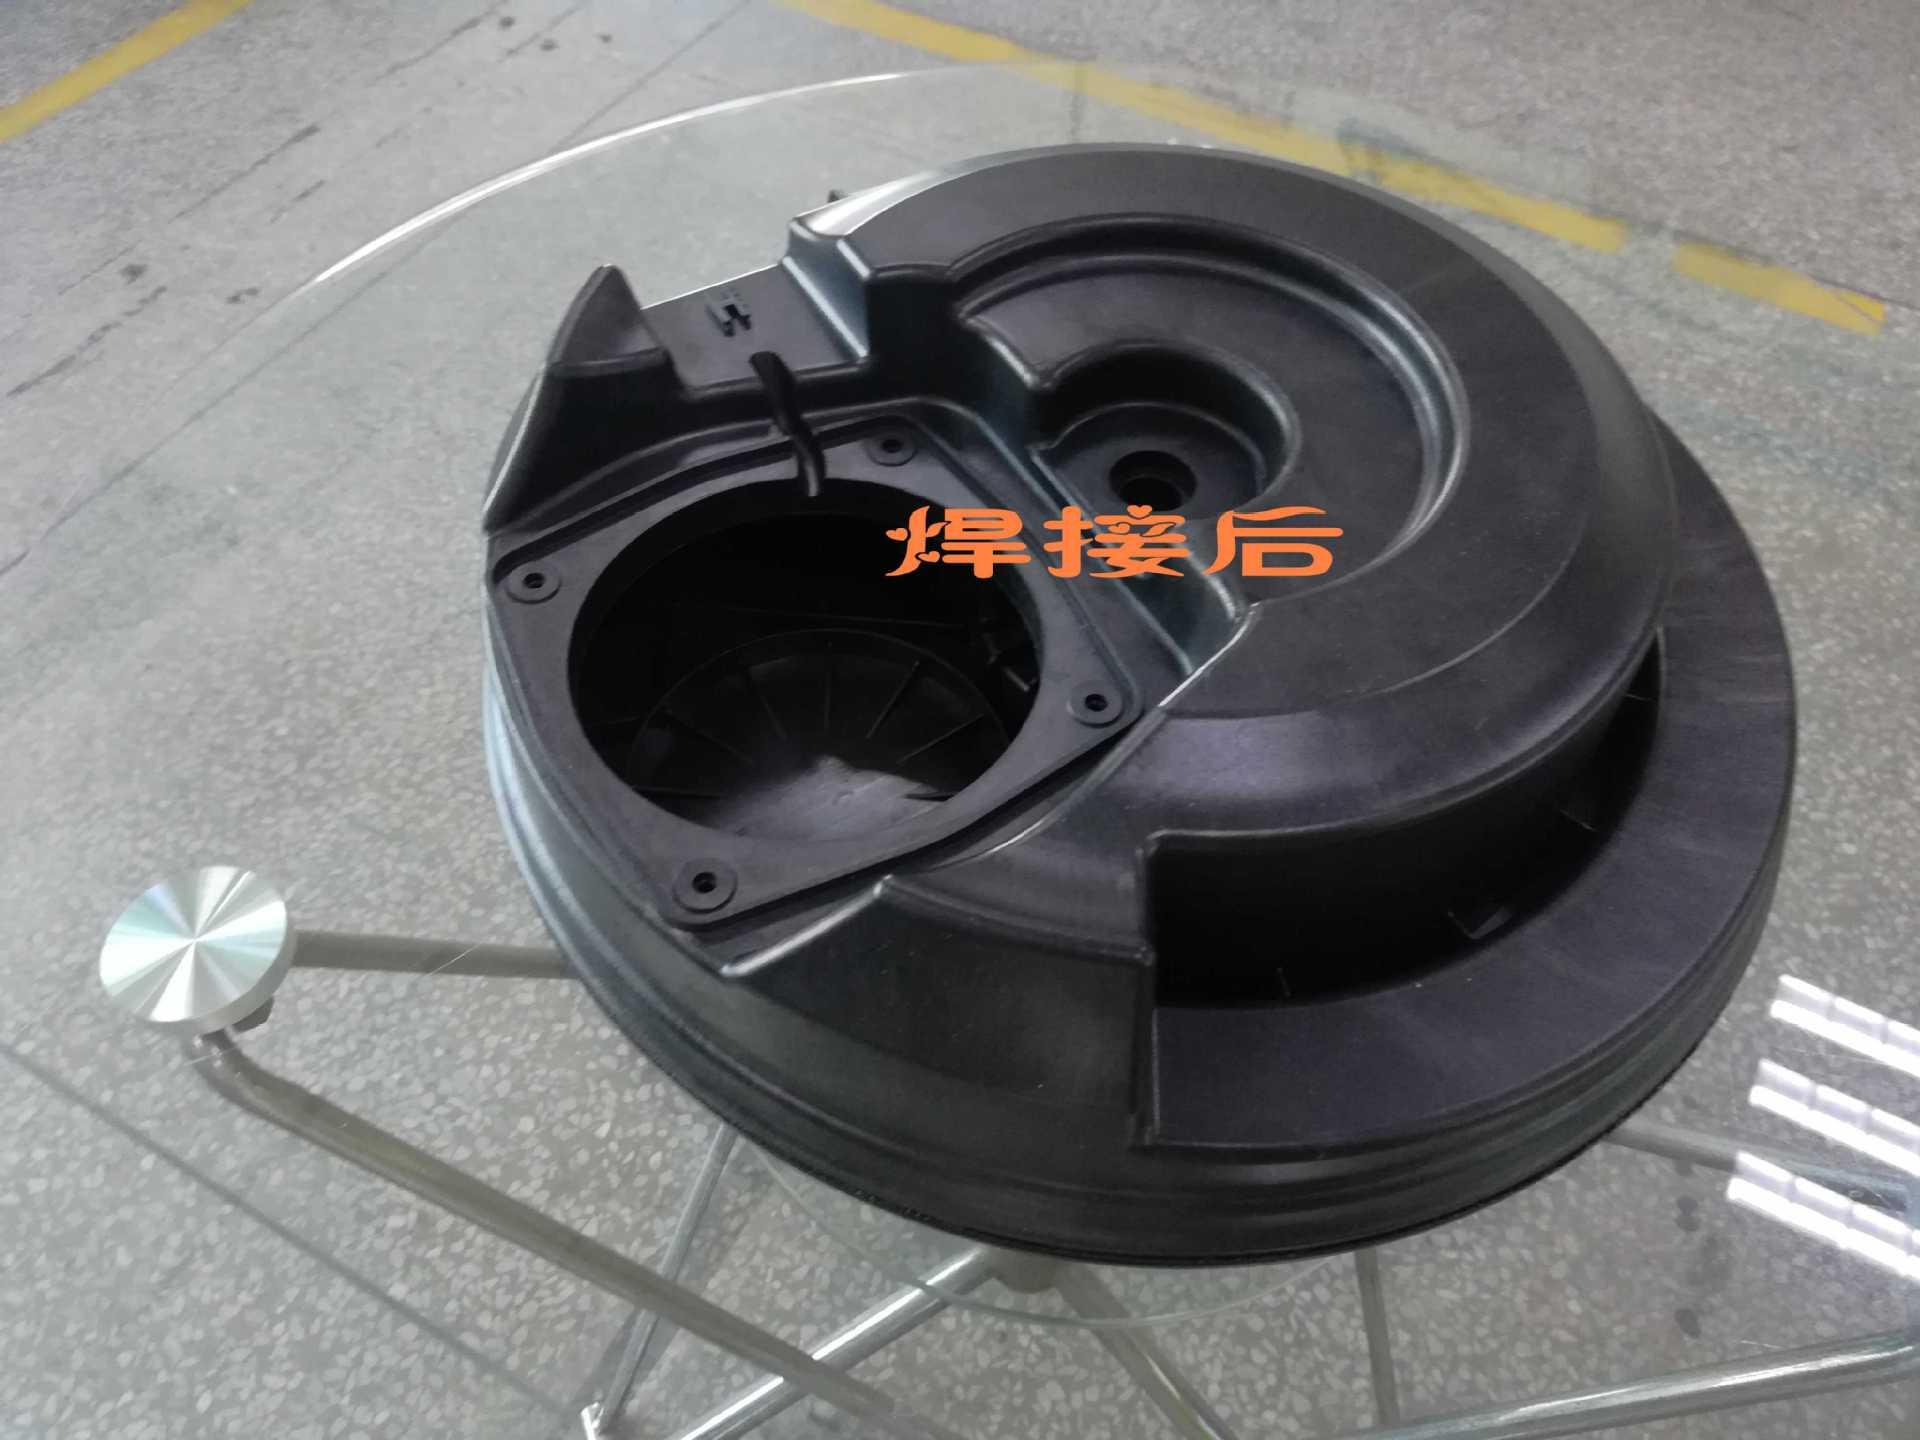 协和半自动热板机 精密设计制造 汽车水箱PP防水气密焊接热板机示例图6